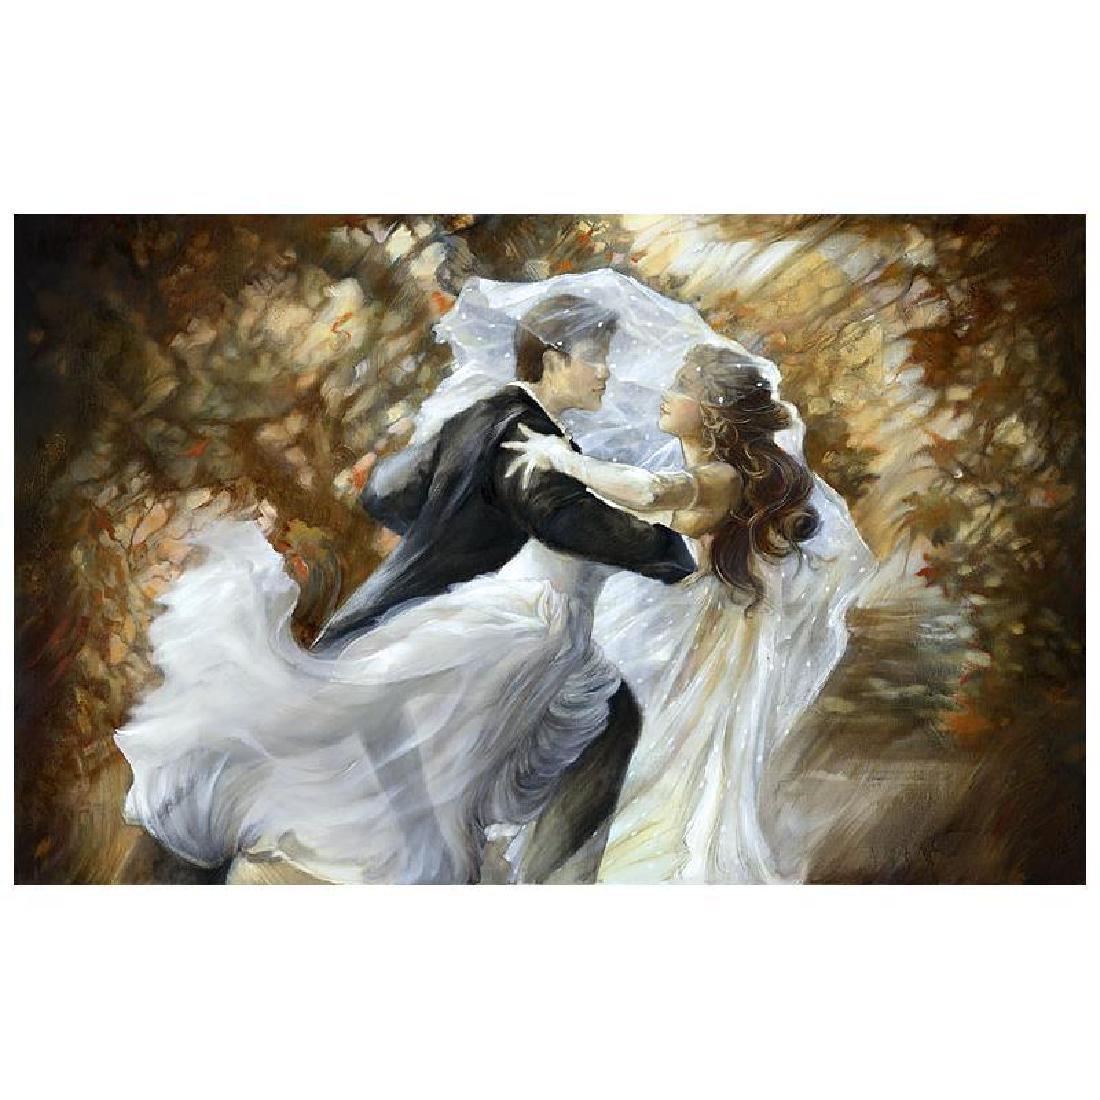 Together Forever by Sotskova, Lena